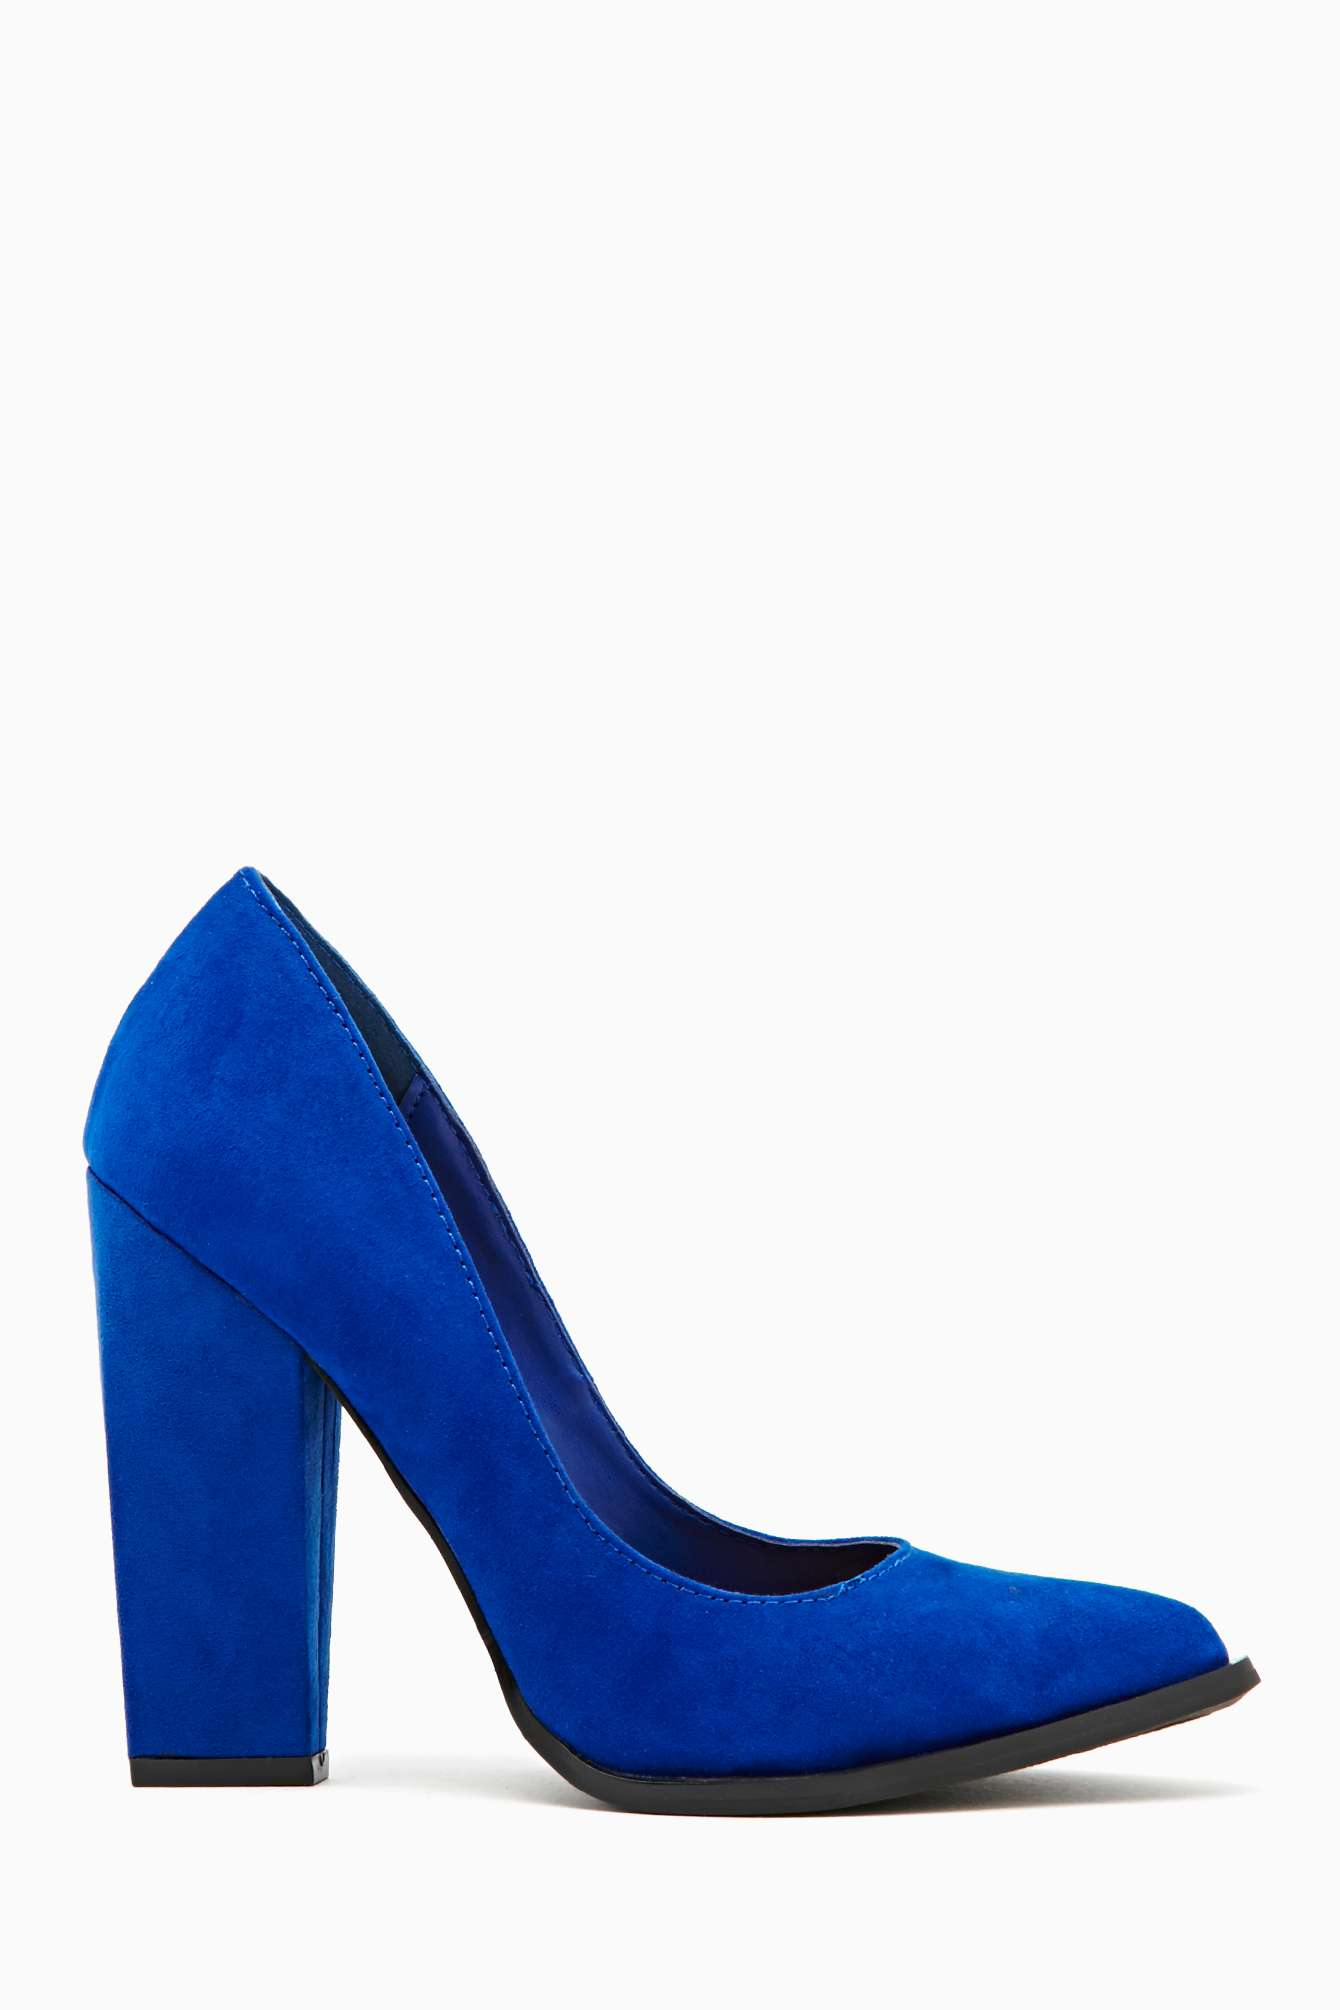 Shoe Cult Heels